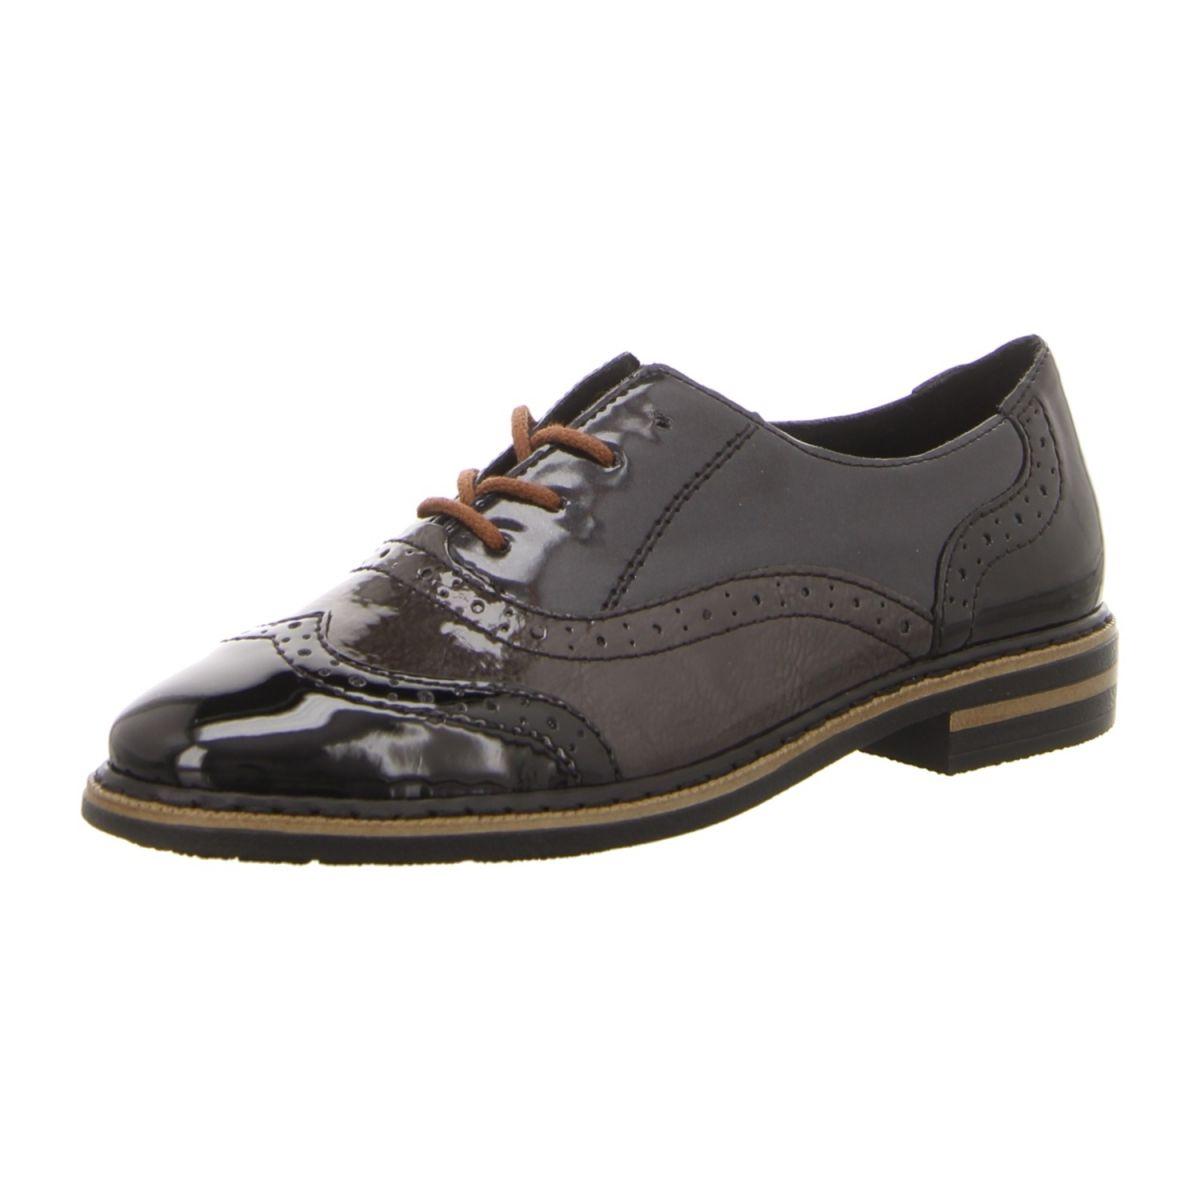 NEU: Rieker Schnürer Business Schuhe 50603 00 schwarz